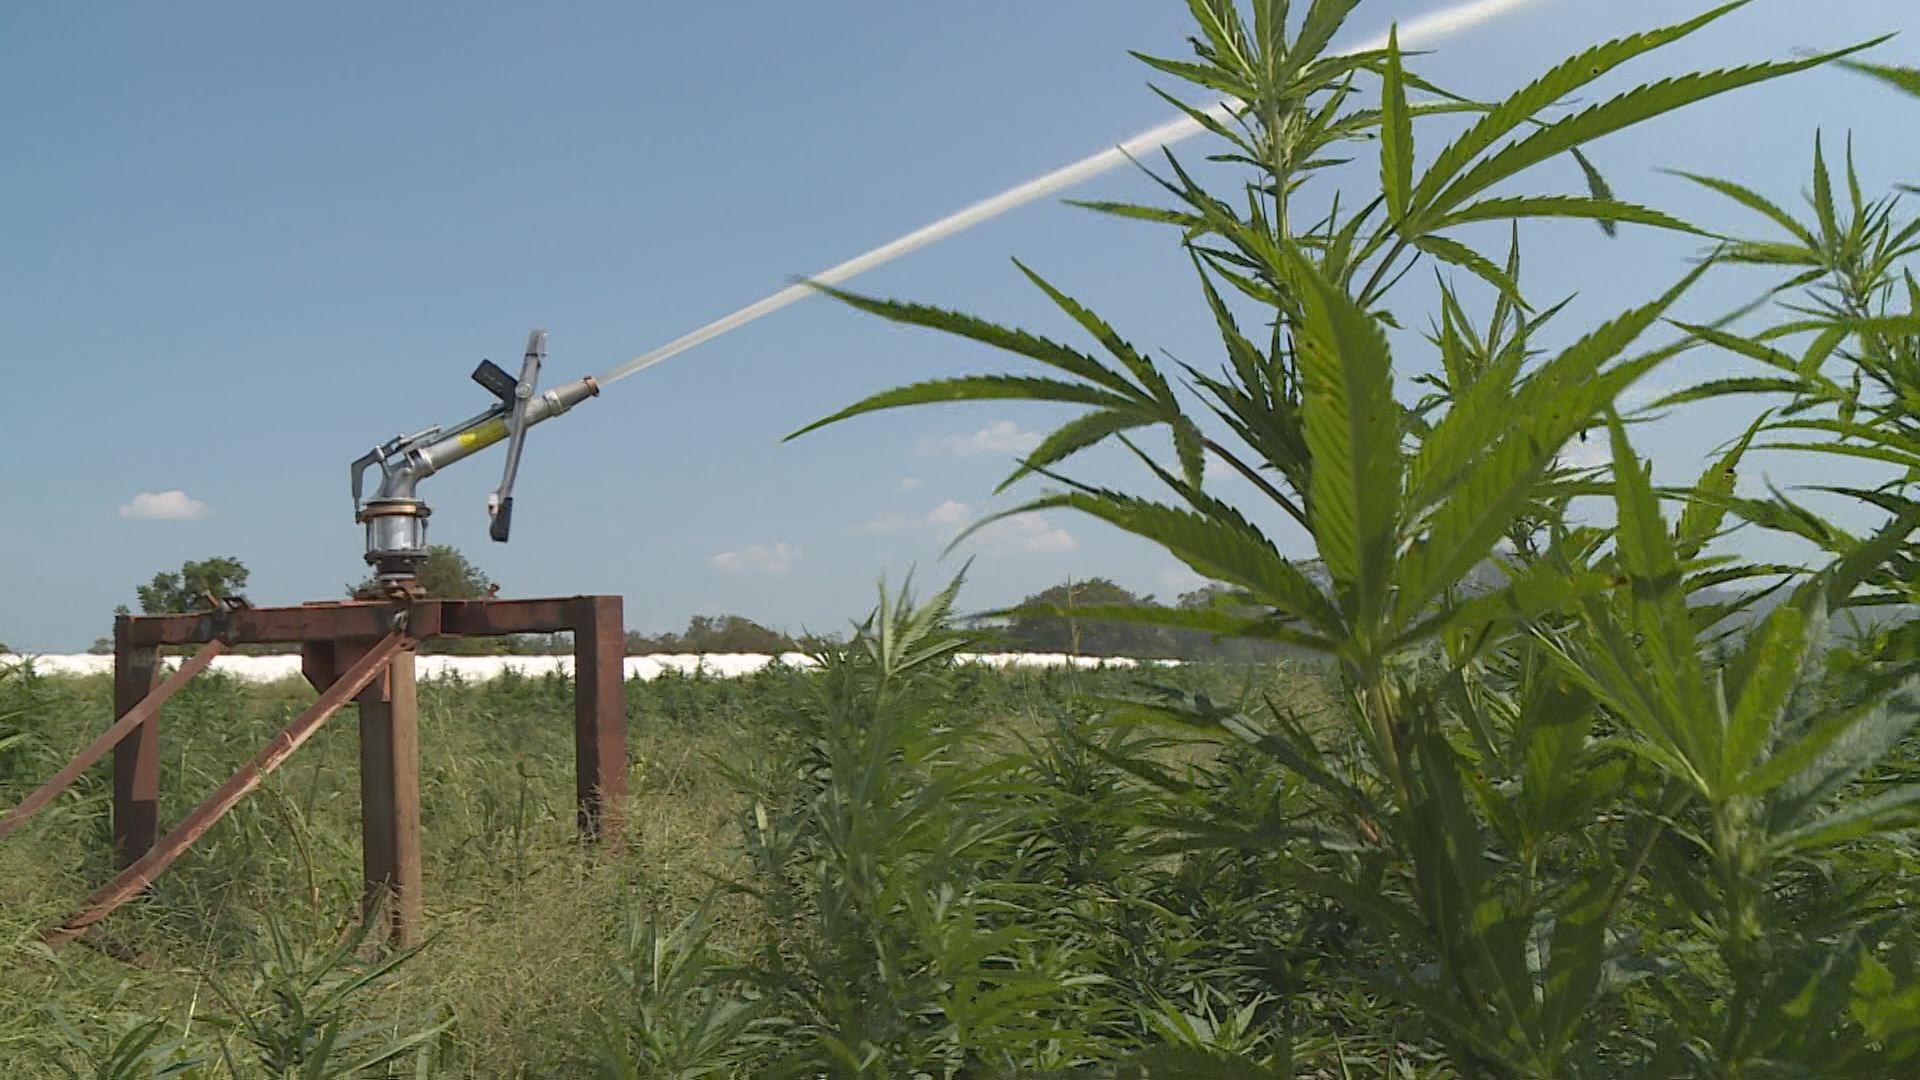 New hemp service center to open in Cynthiana - WKYT